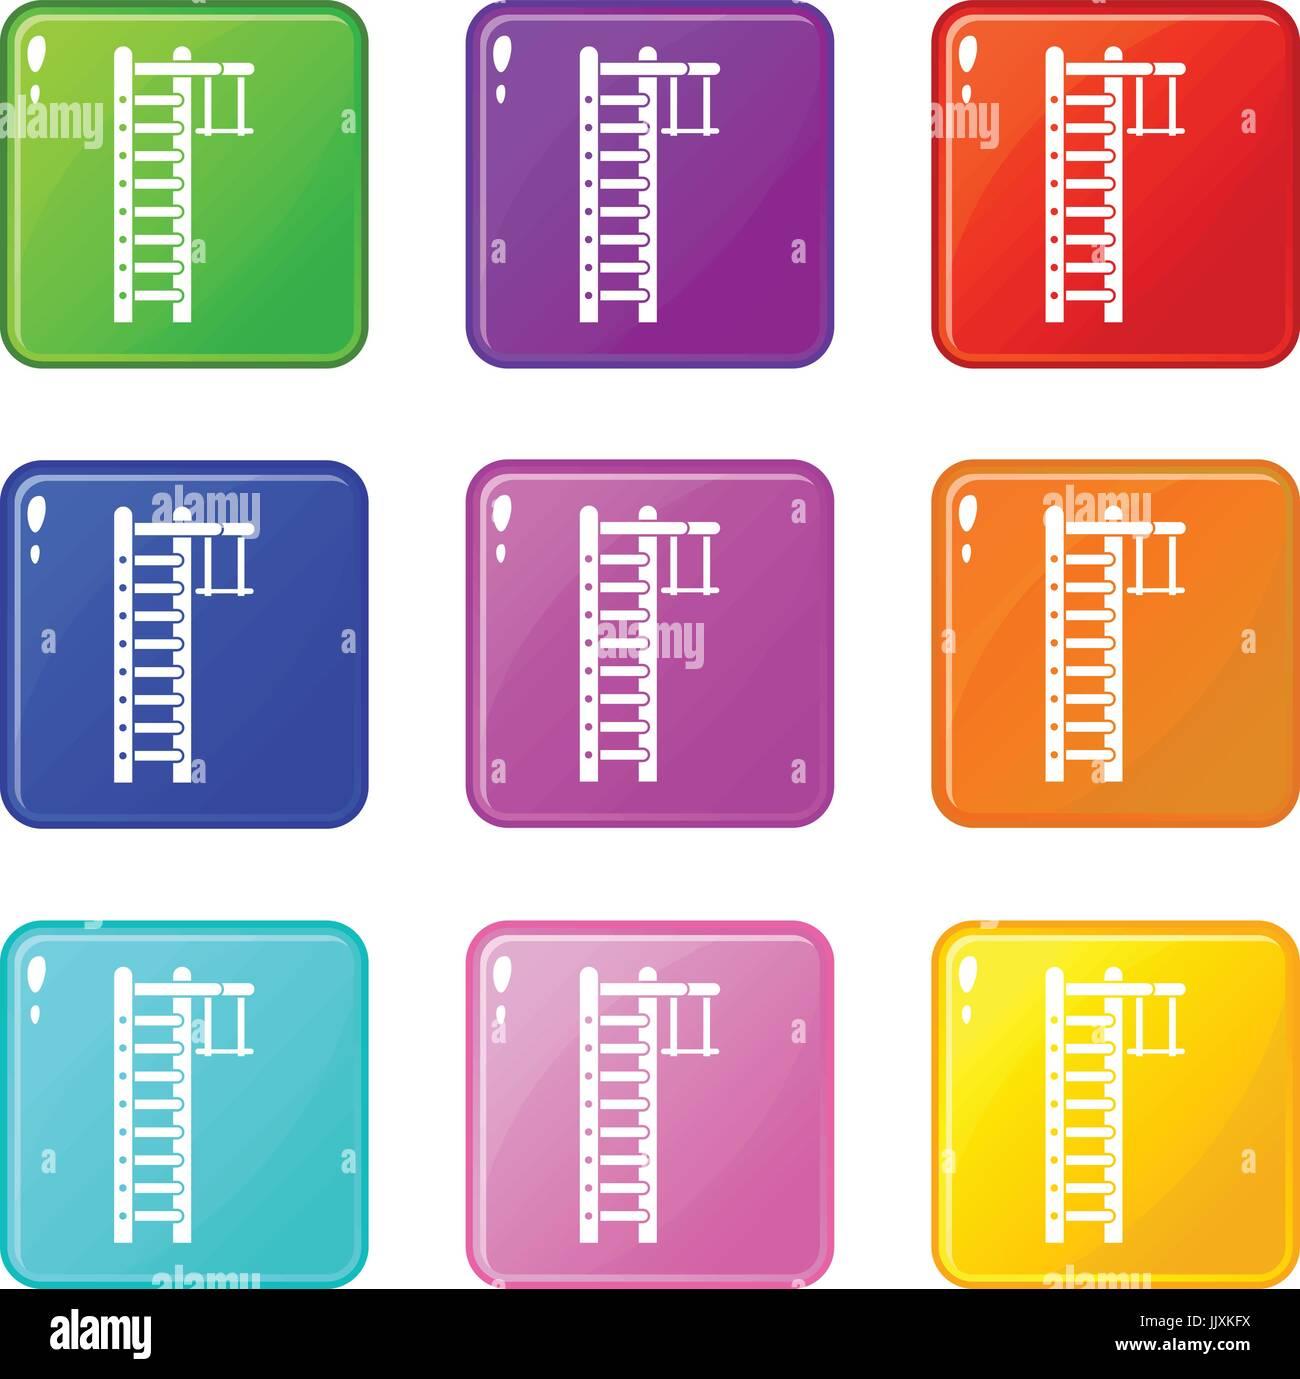 Swedish ladder set 9 - Stock Image